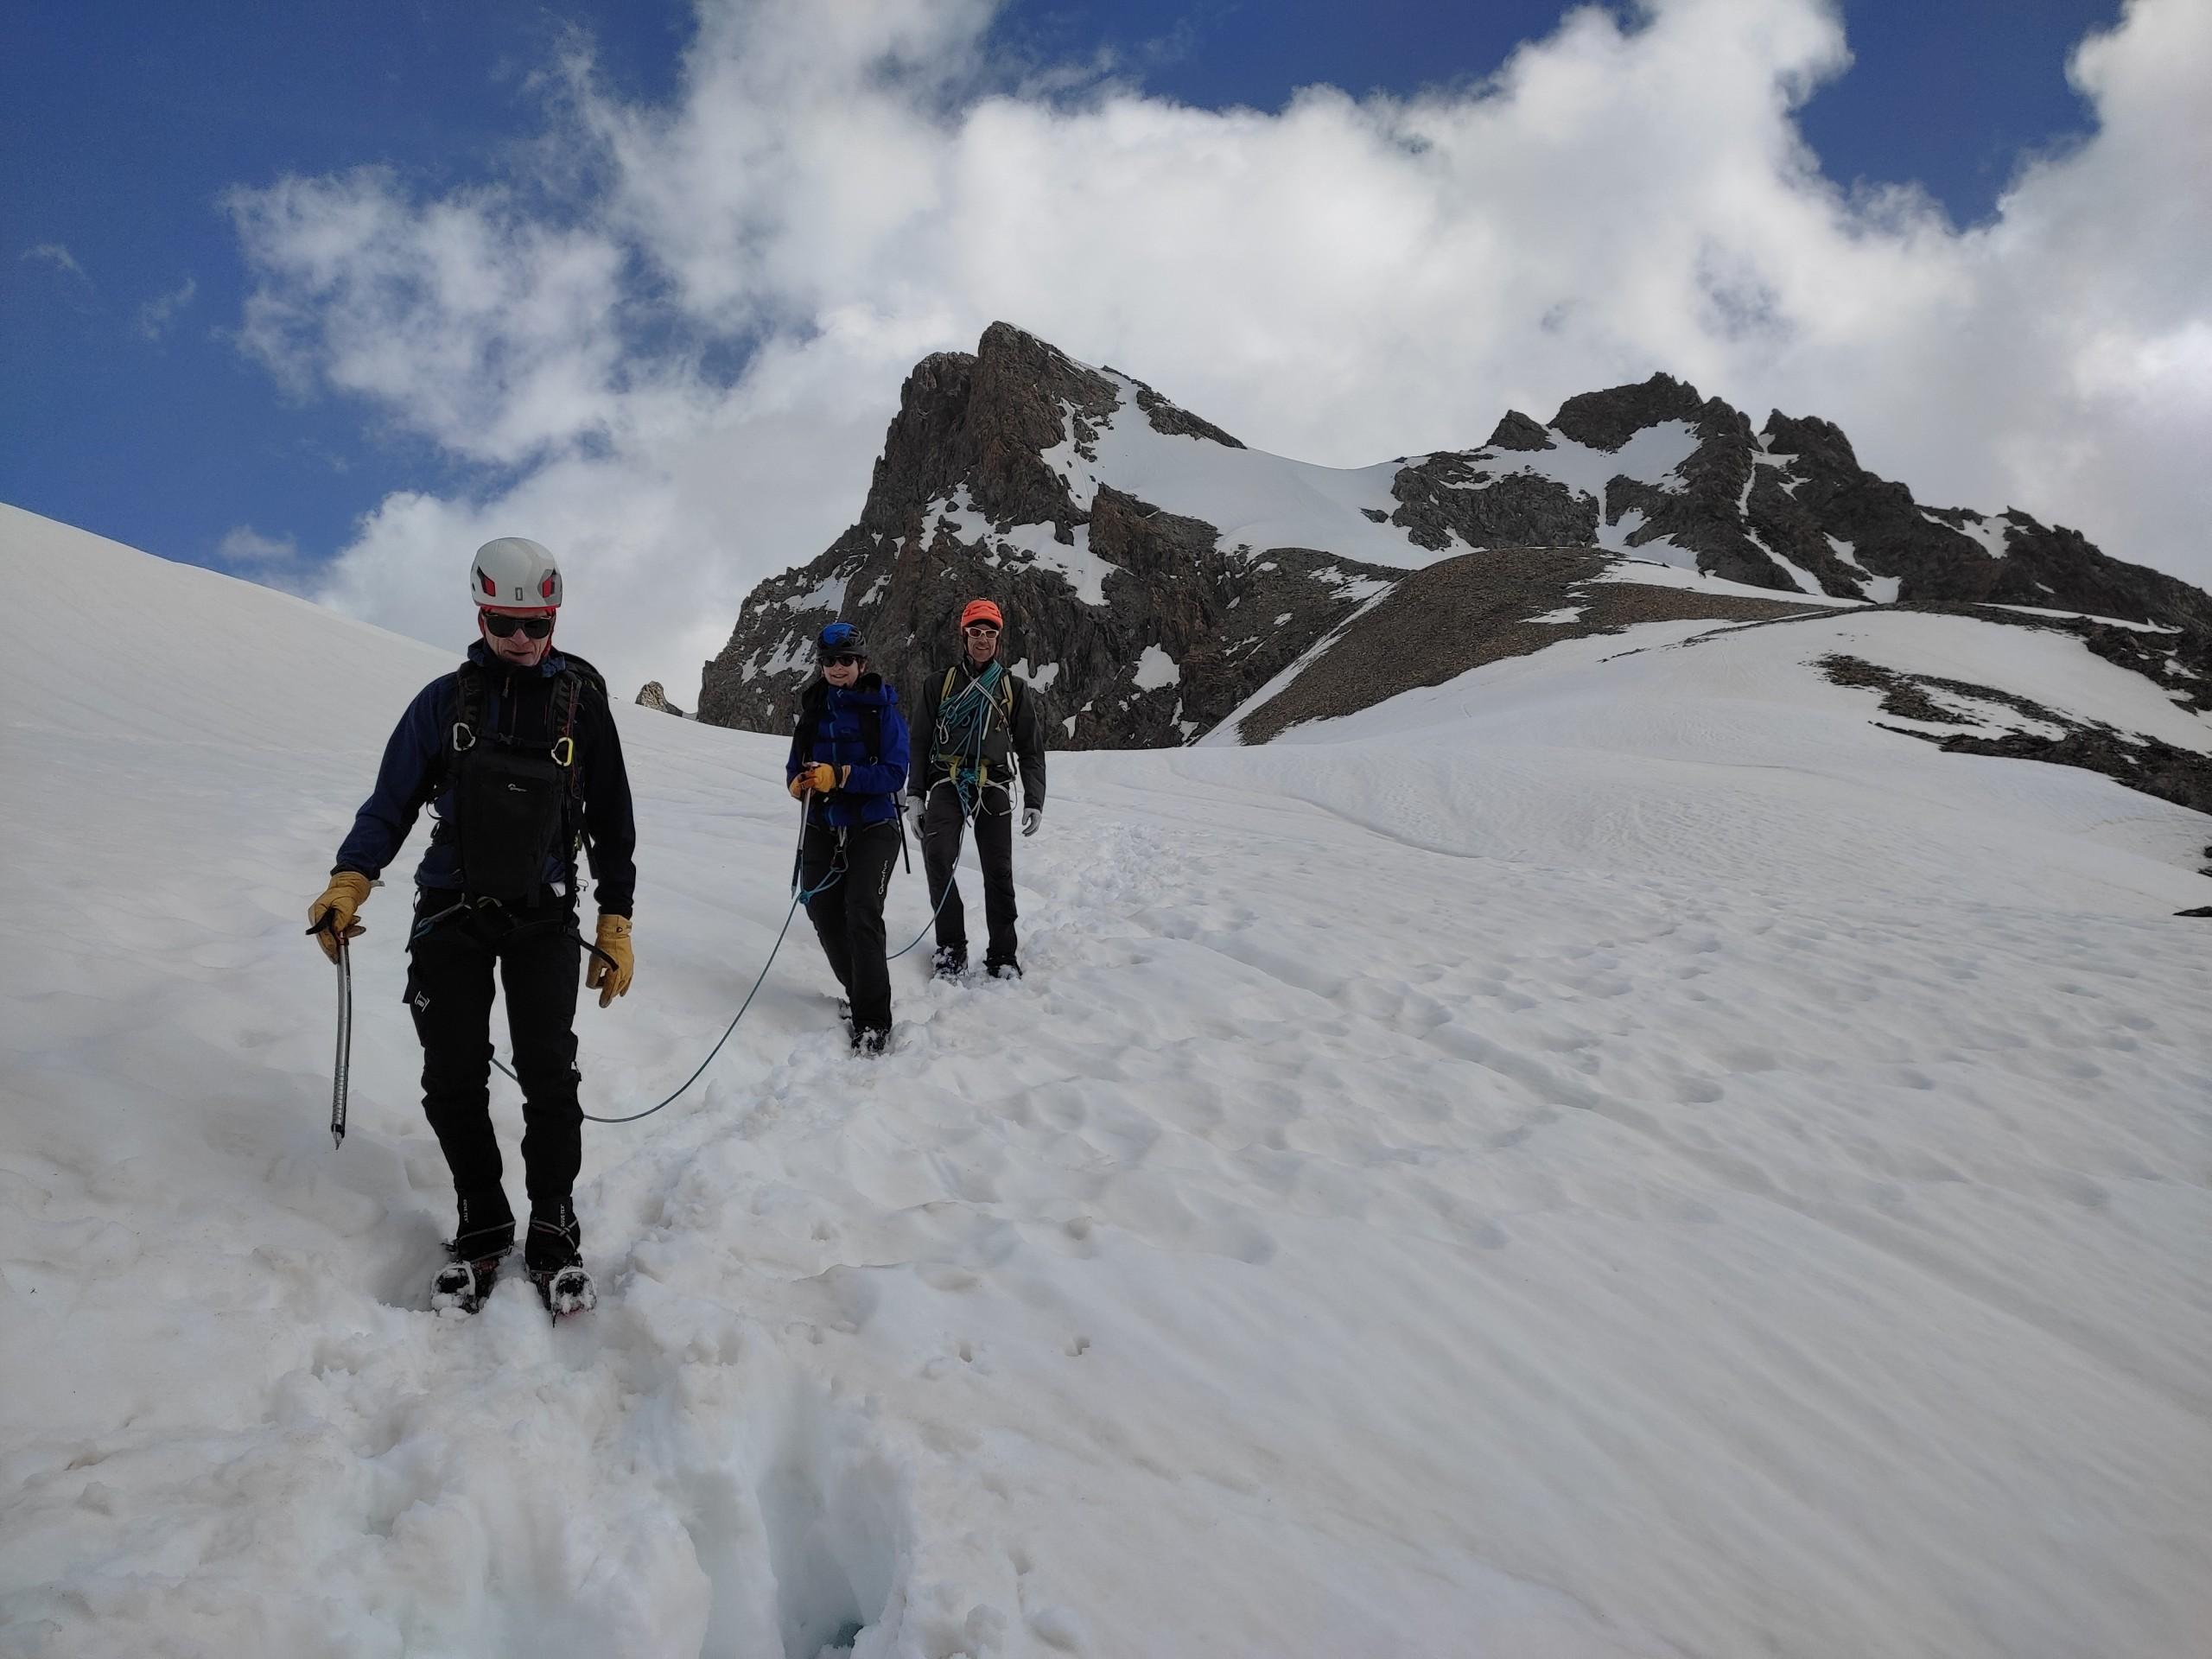 Le plateau sommitale de la voie normale du Coolidge et une cordée d'alpinisme